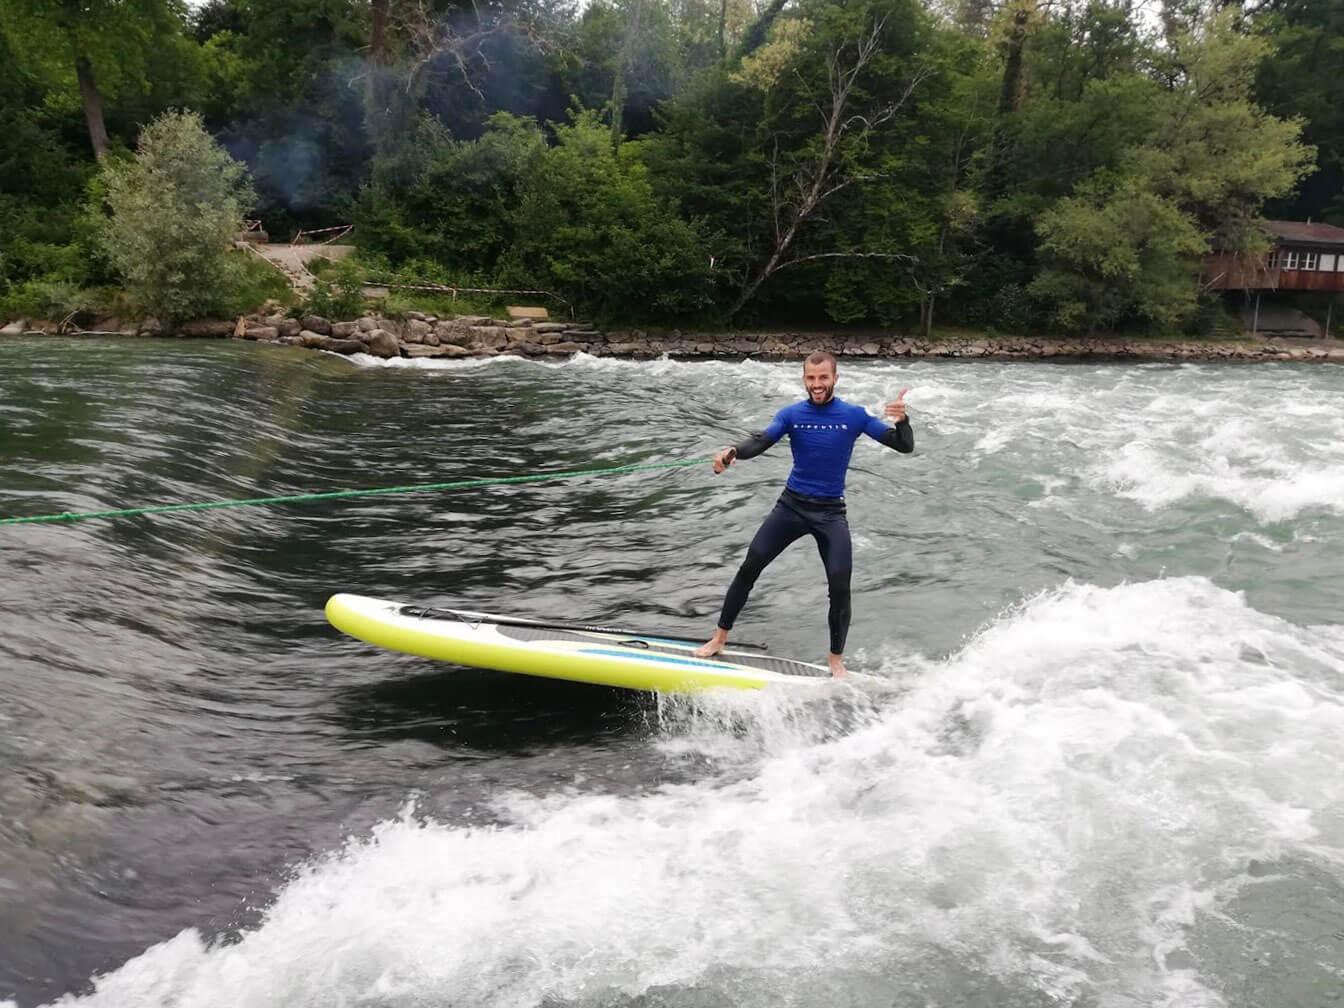 Bremgarten River Surfing - Samuel Brunner